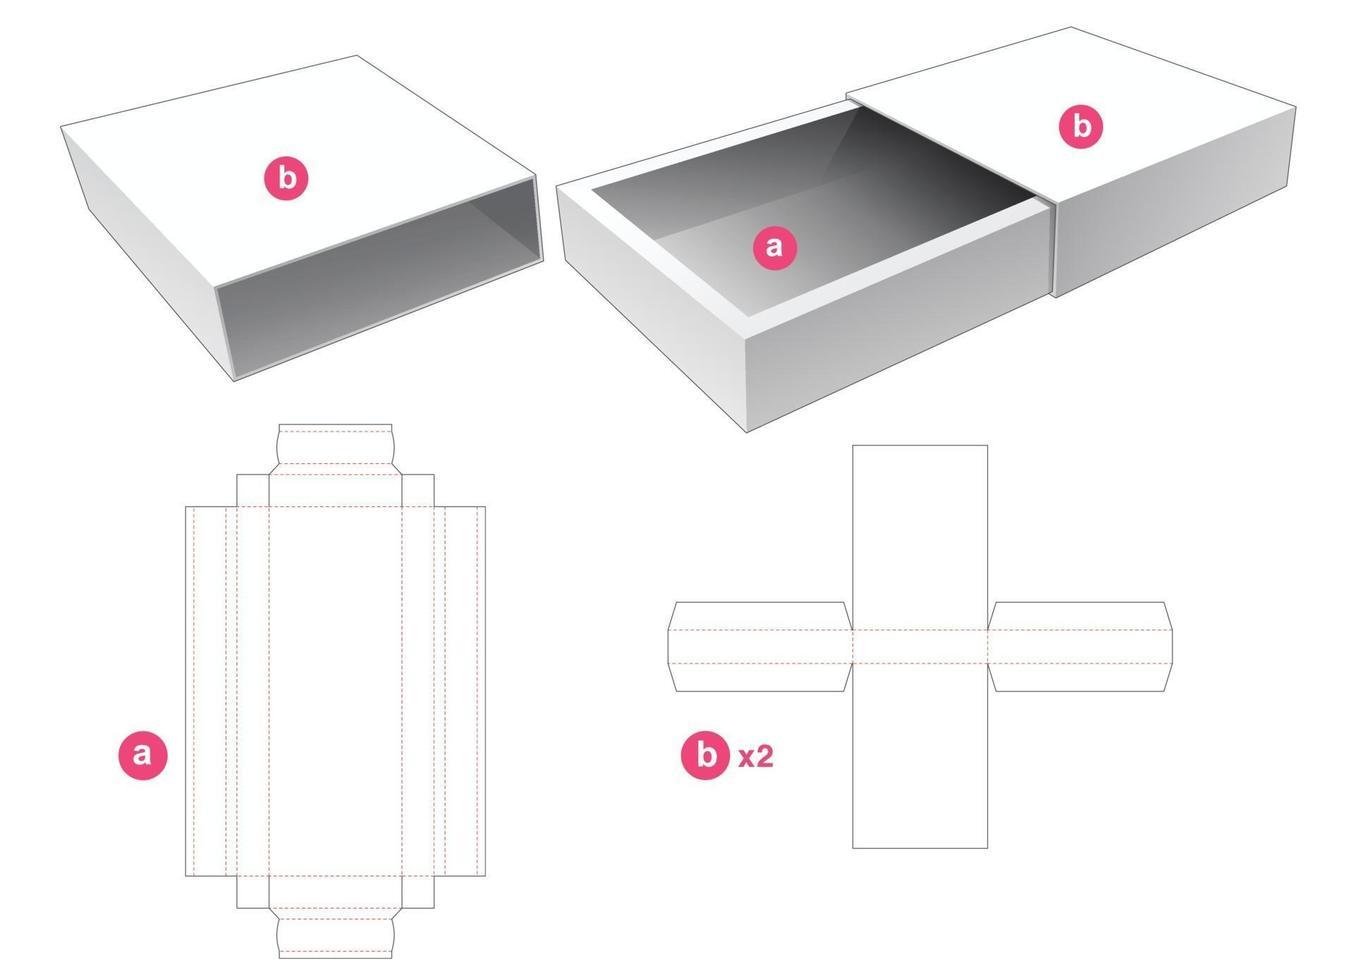 lange Verpackungsbox mit 2 Deckeln gestanzte Schablone vektor